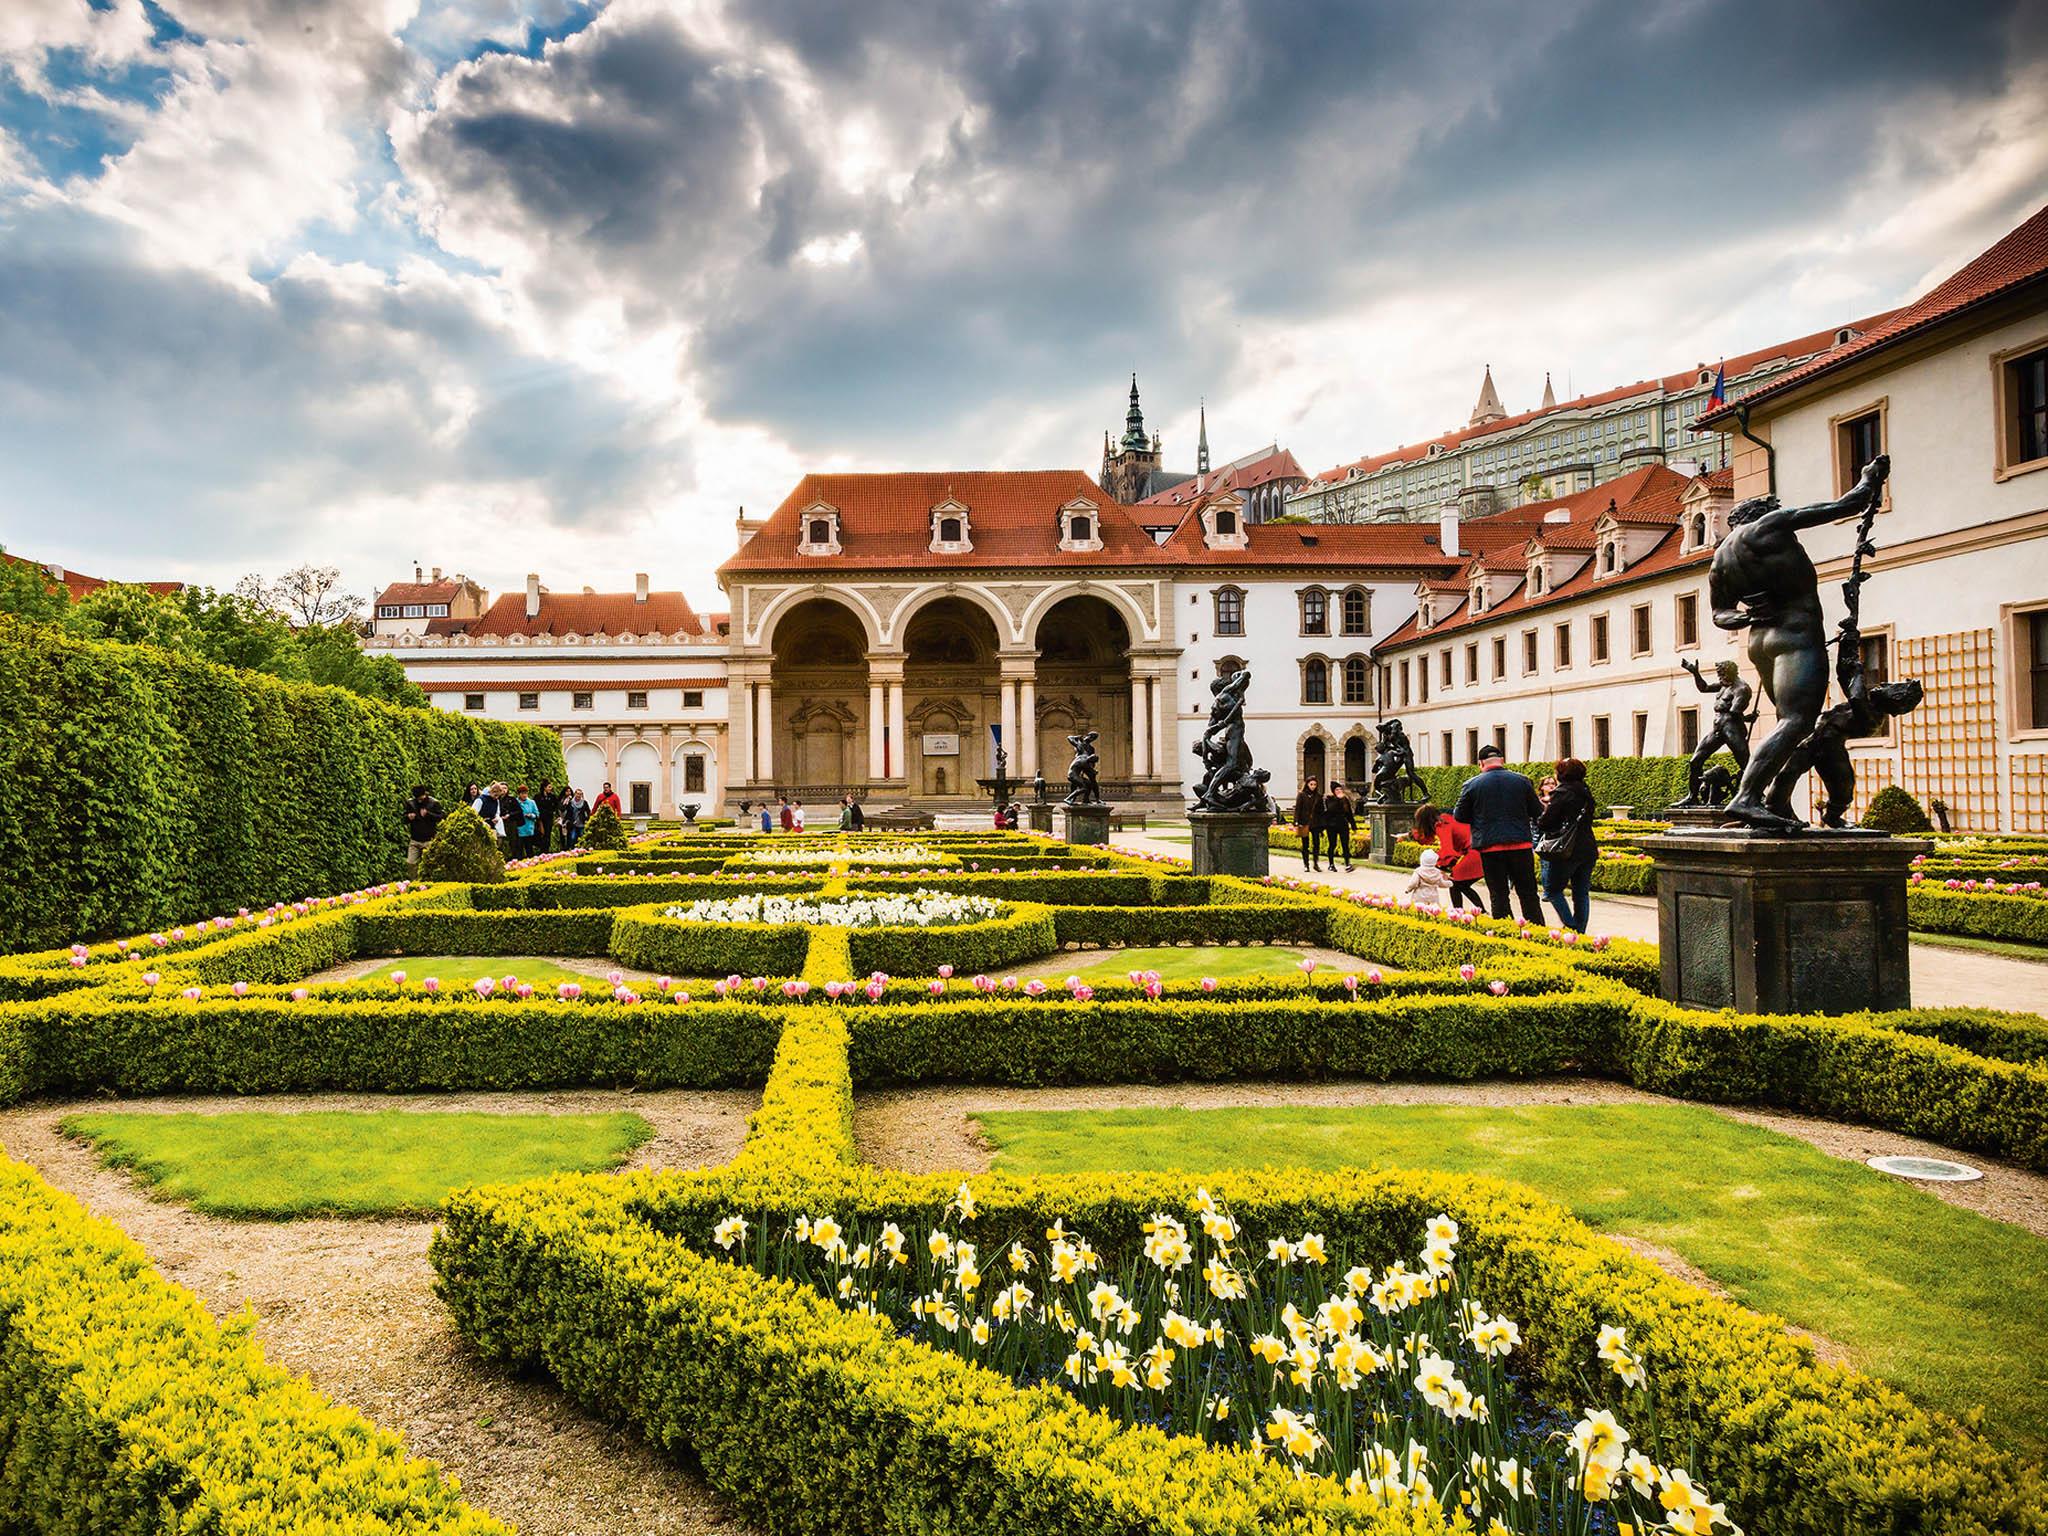 Valdštejnská zahrada,která vznikla souběžně se stavbou Valdštejnského paláce, navazuje naantickou koncepci. Zrak návštěvníků při příchodu ihned spočine nastavbě smonumentální arkádou otřech obloucích.